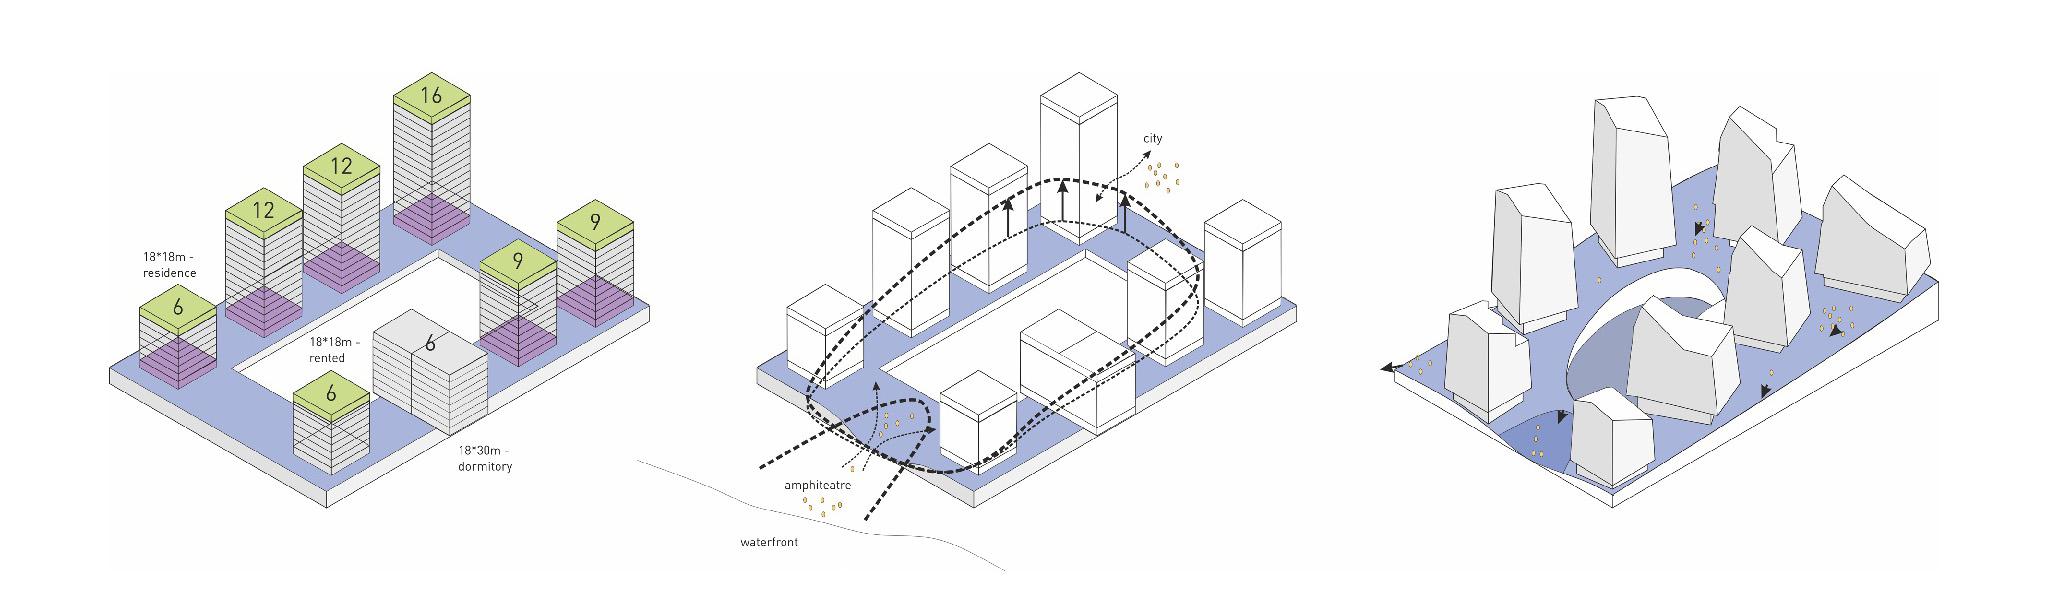 устойчивый жилой блок энергоэффективная архитектура метаболизм